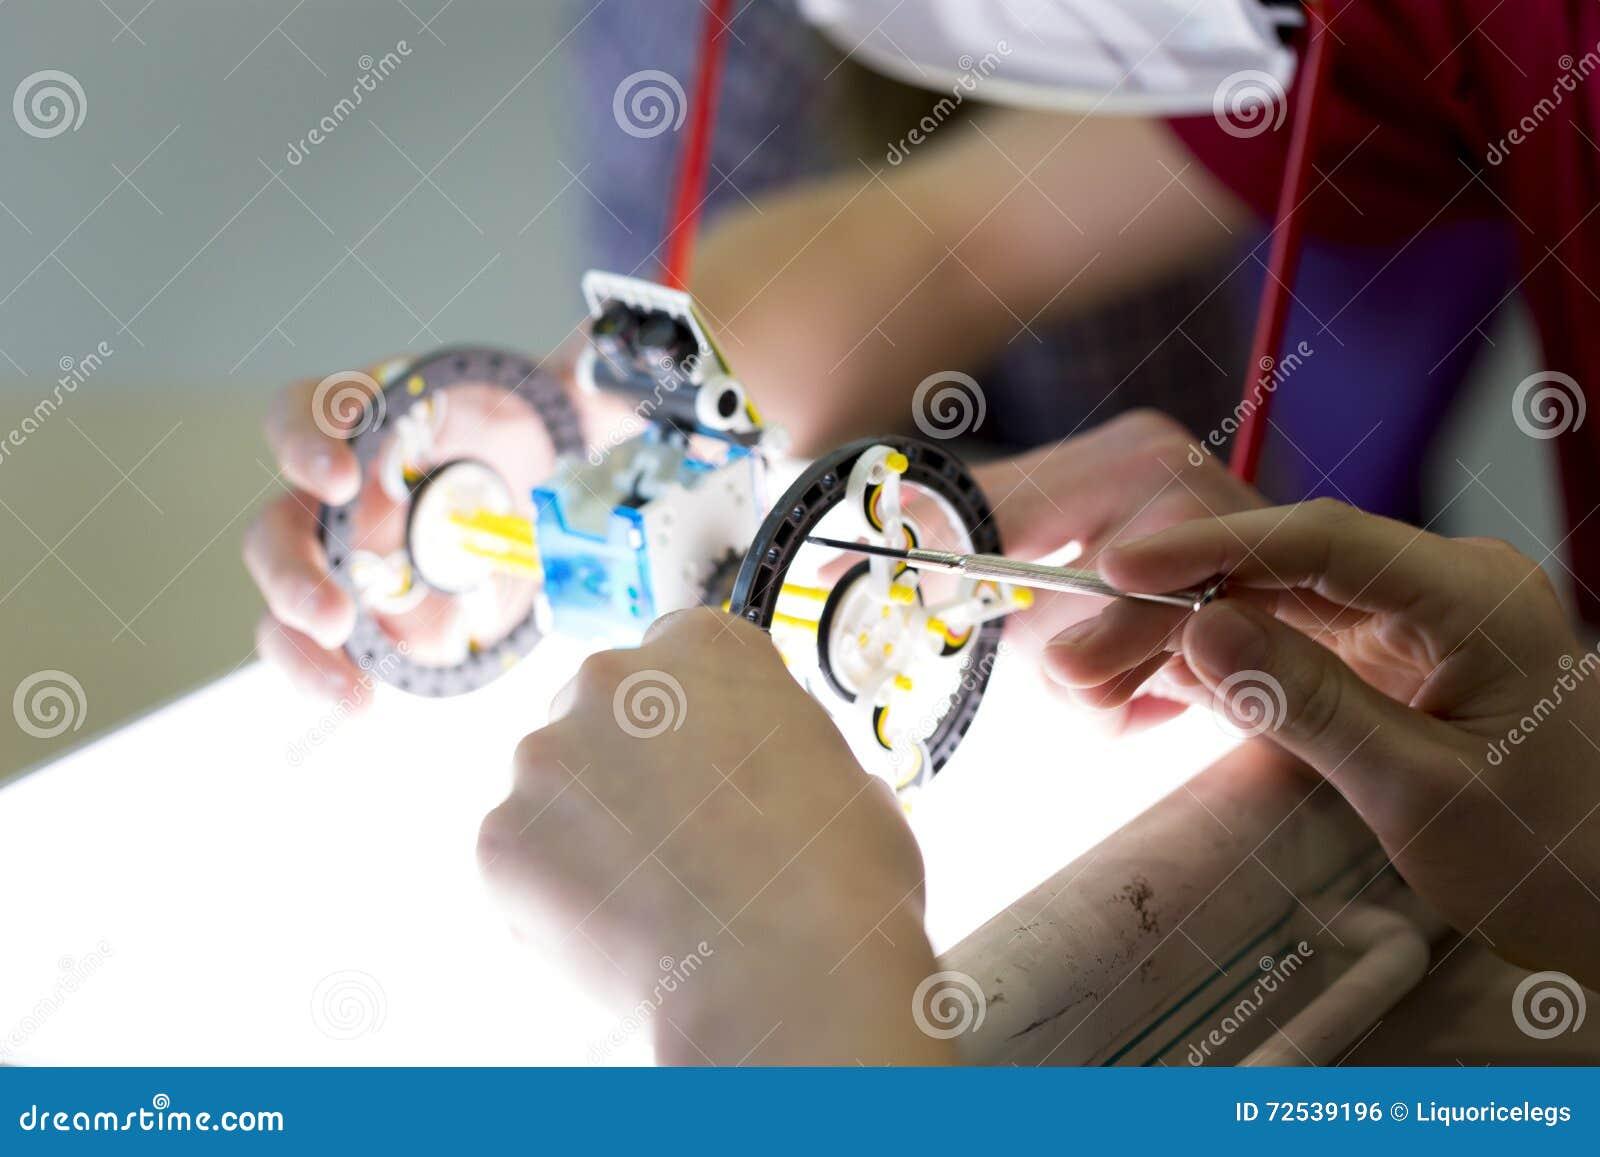 Studenten, die einen Roboter errichten